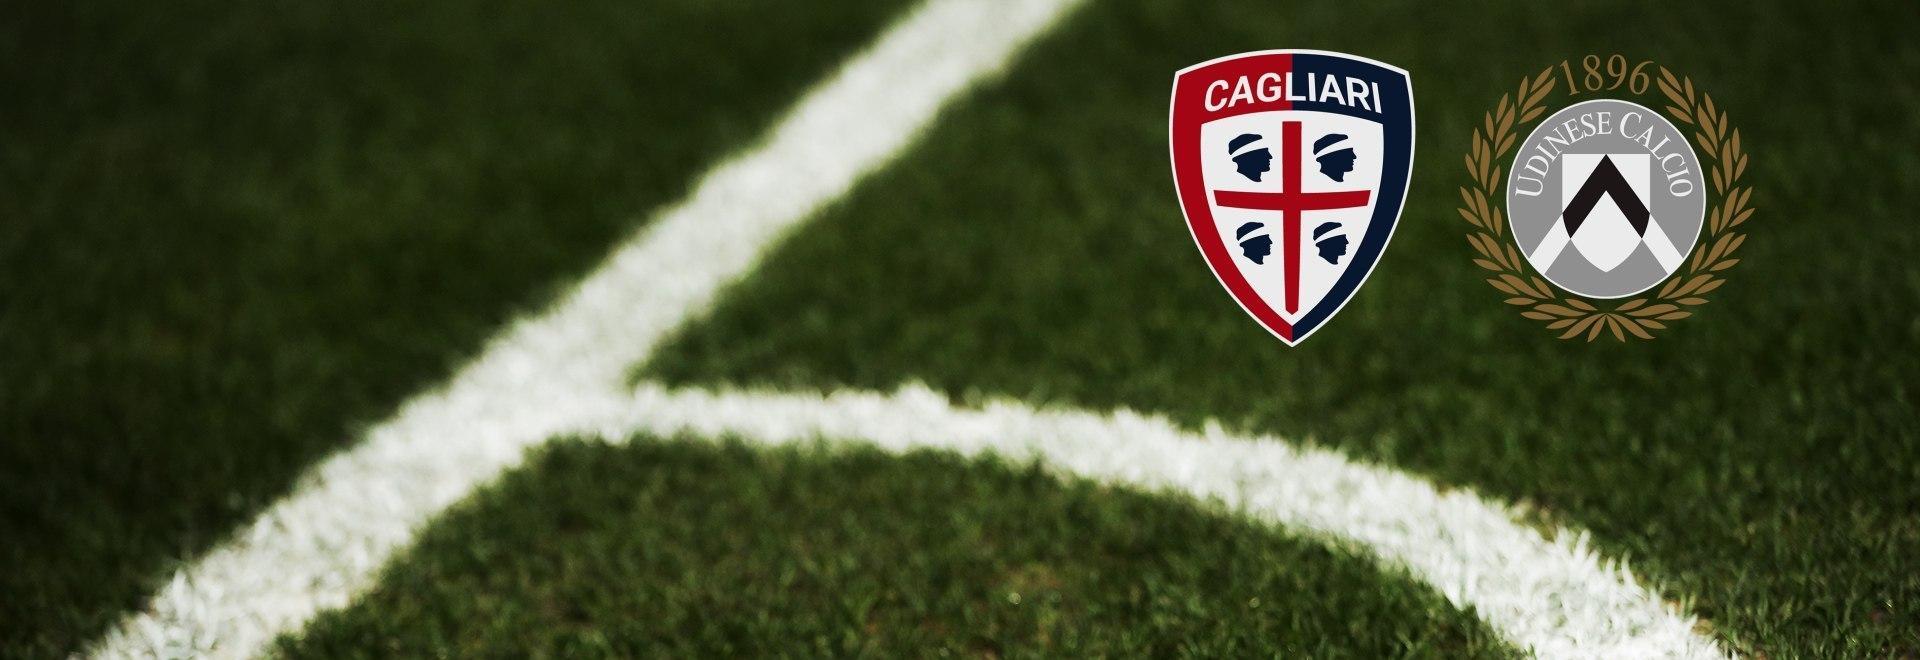 Cagliari - Udinese. 36a g.